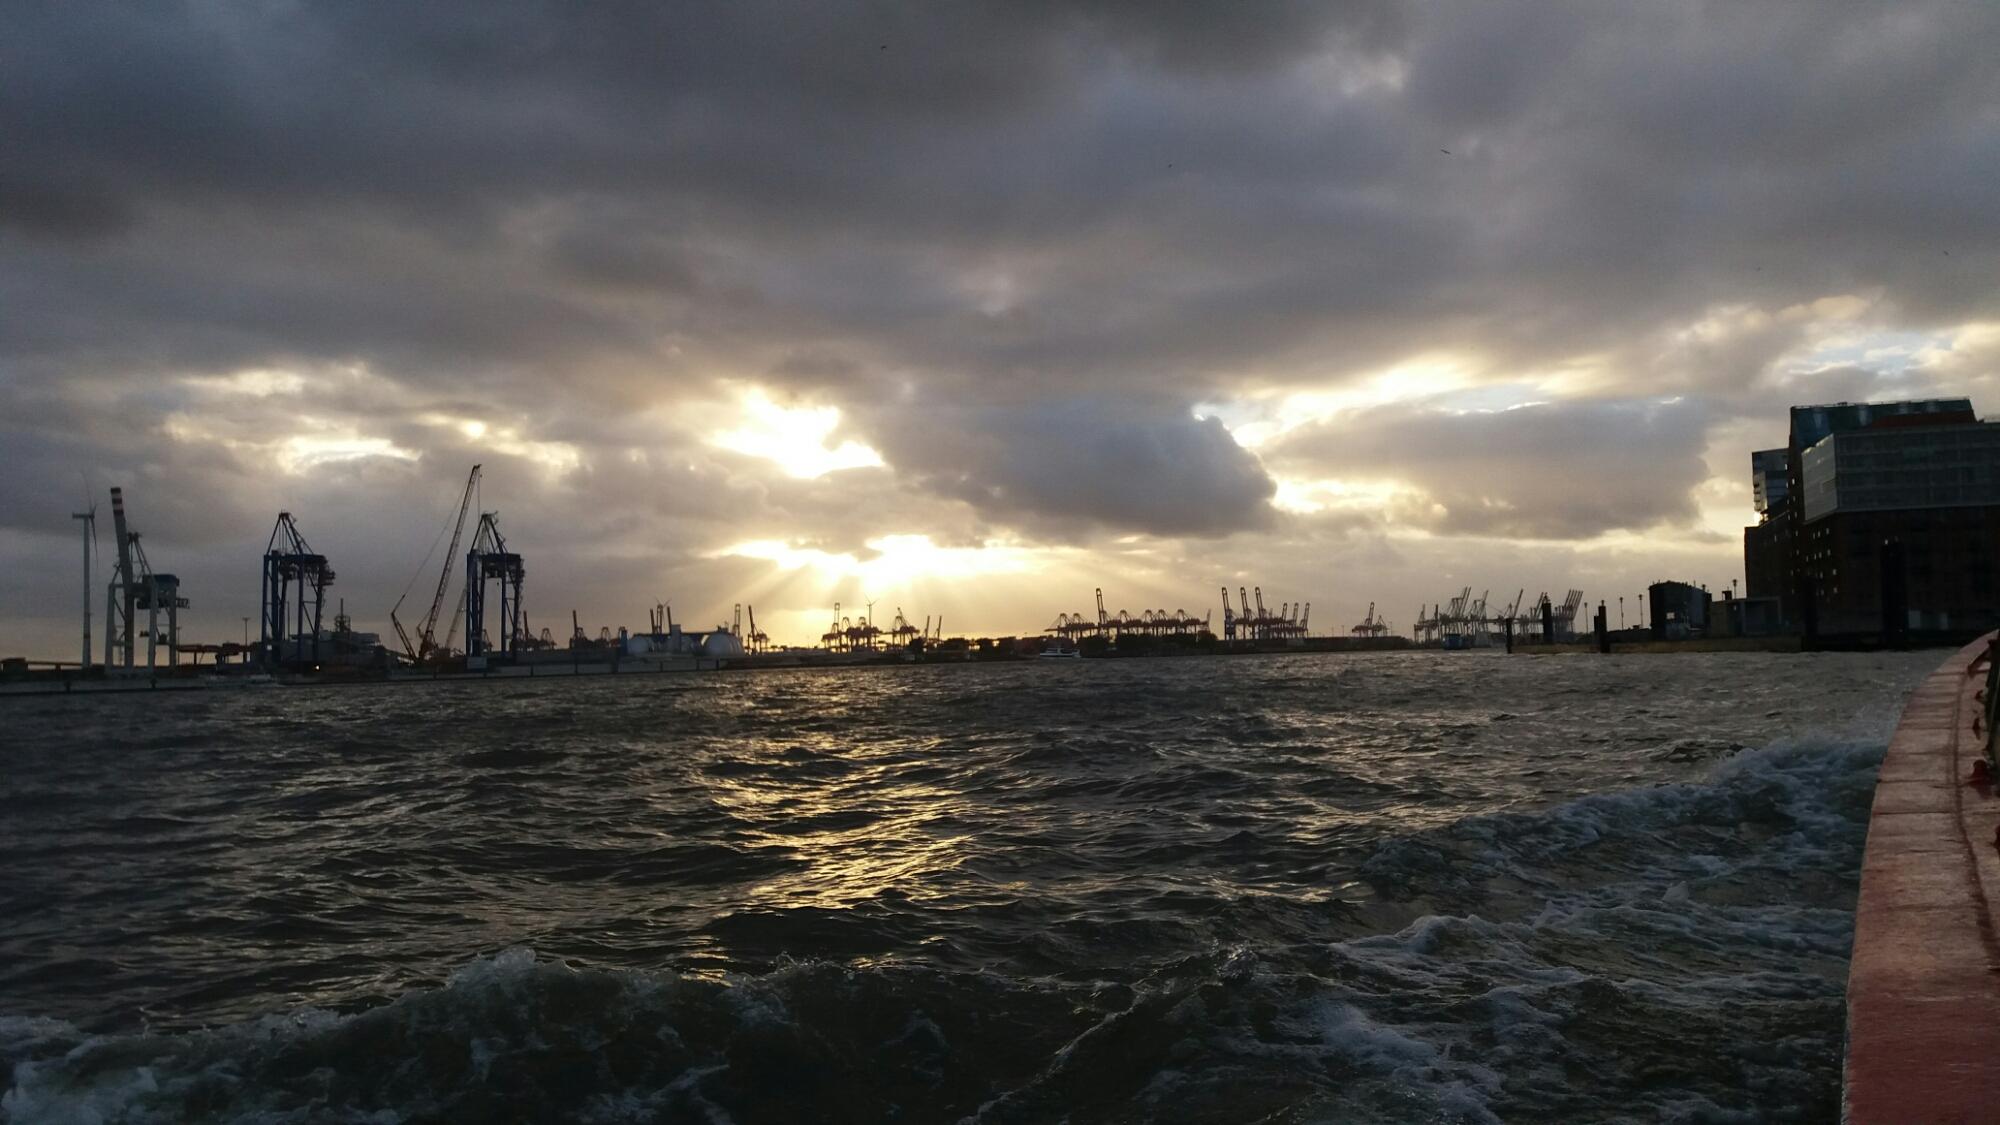 Hamburger Hafen und Elbe am Abend